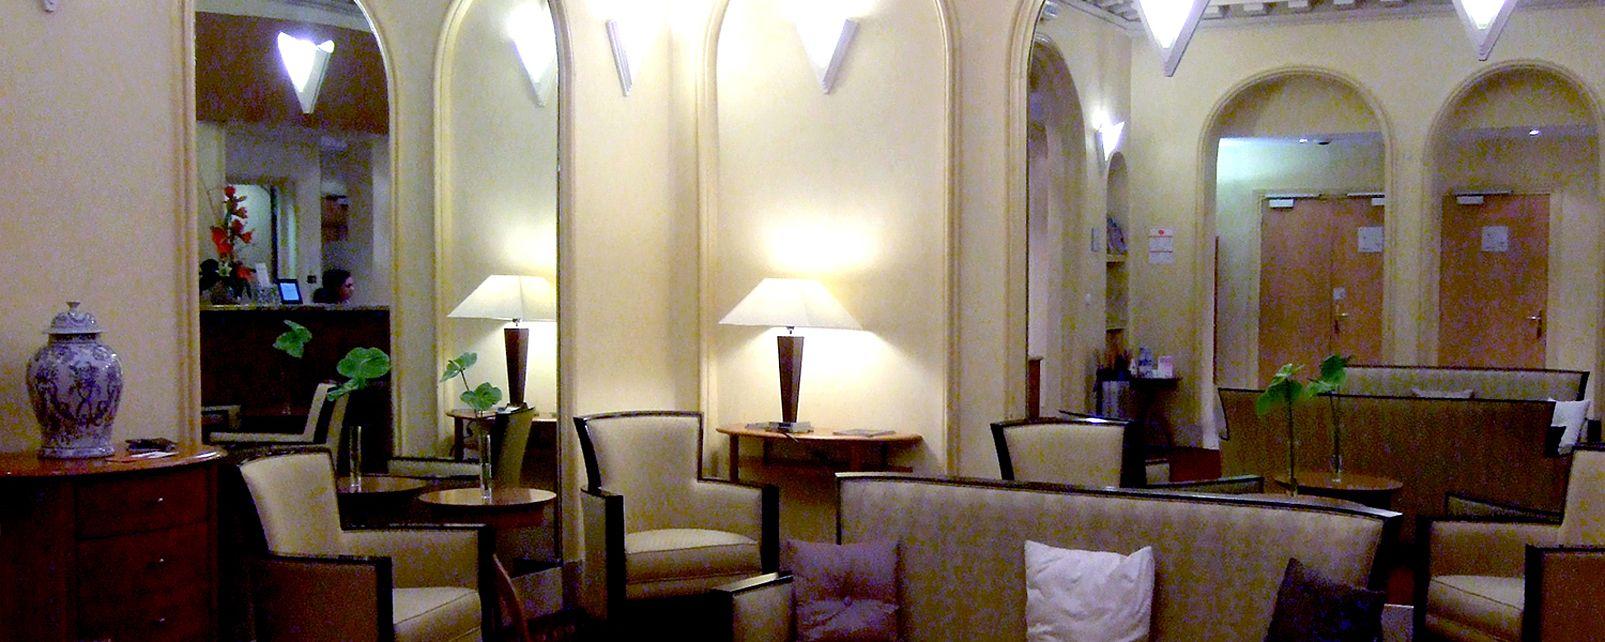 Hotel citadines apart 39 louvre paris for Apart hotel citadines